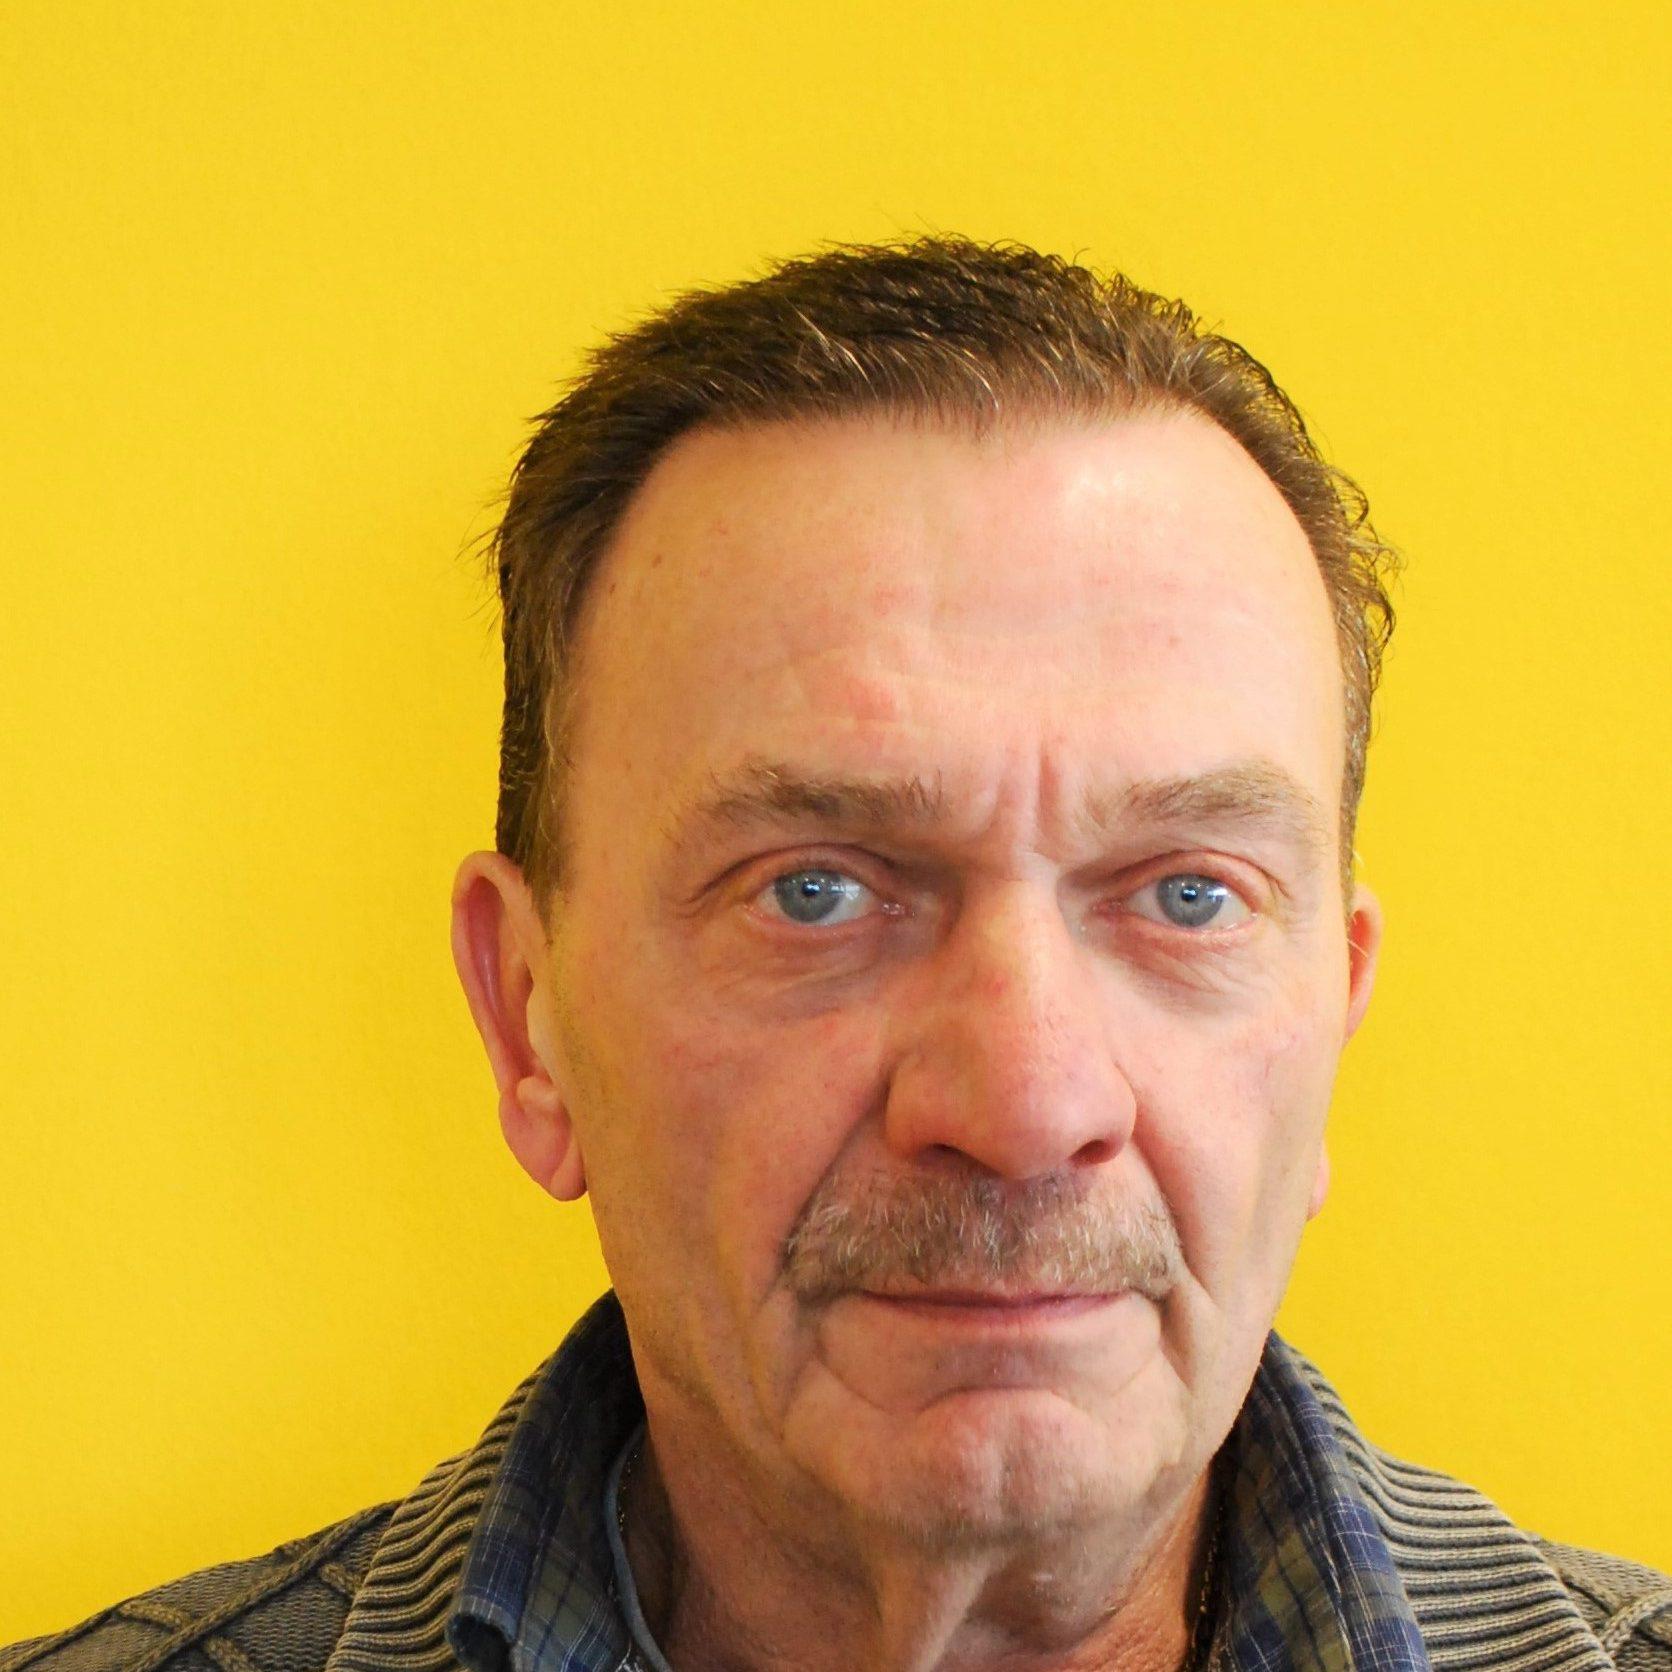 Dick van der Schrier